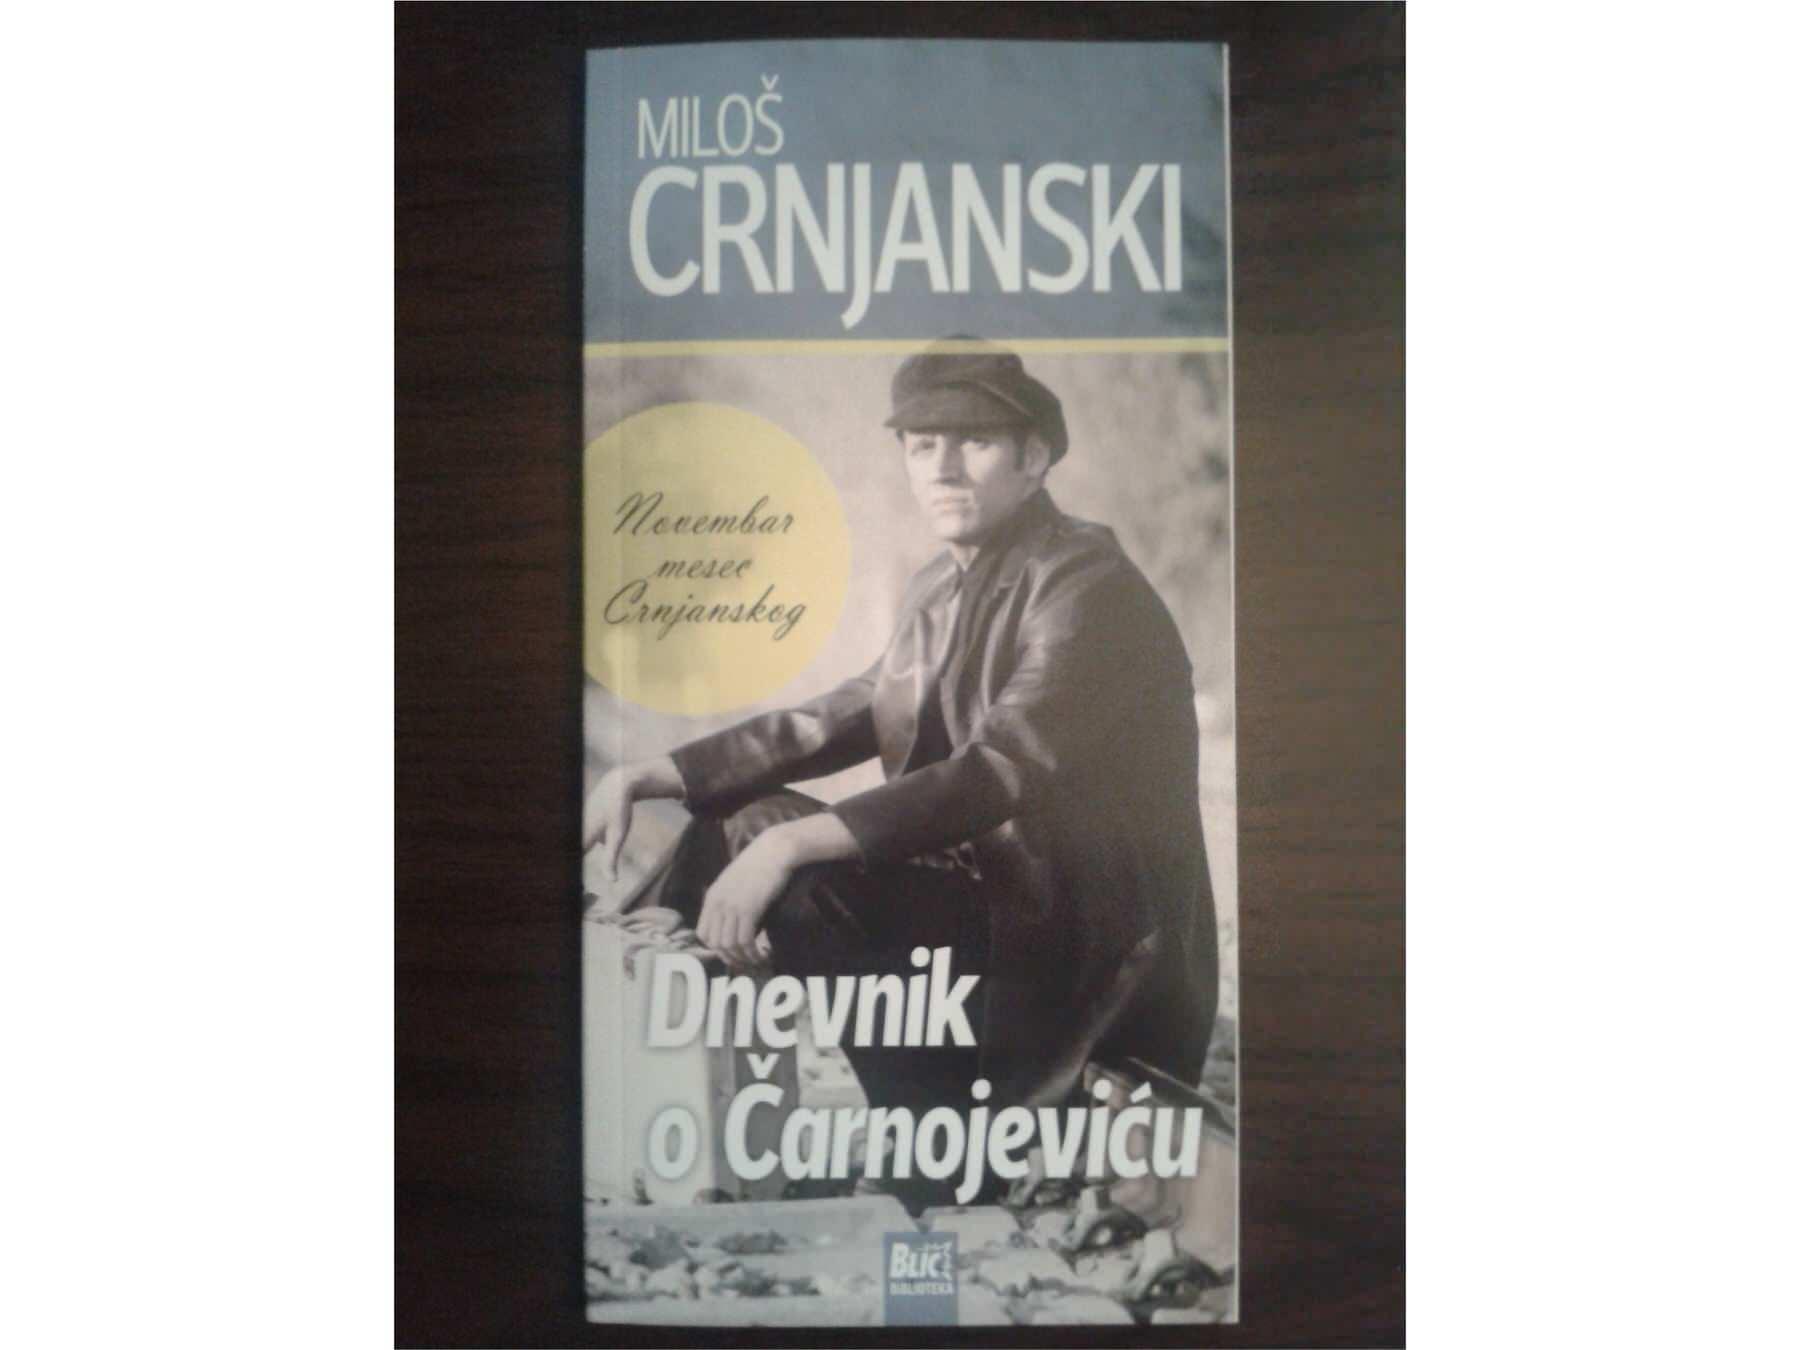 Preporučite knjigu - Page 4 Knjiga-Milos-Crnjanski-DNEVNIK-O-CARNOJEVICU_slika_O_15161905